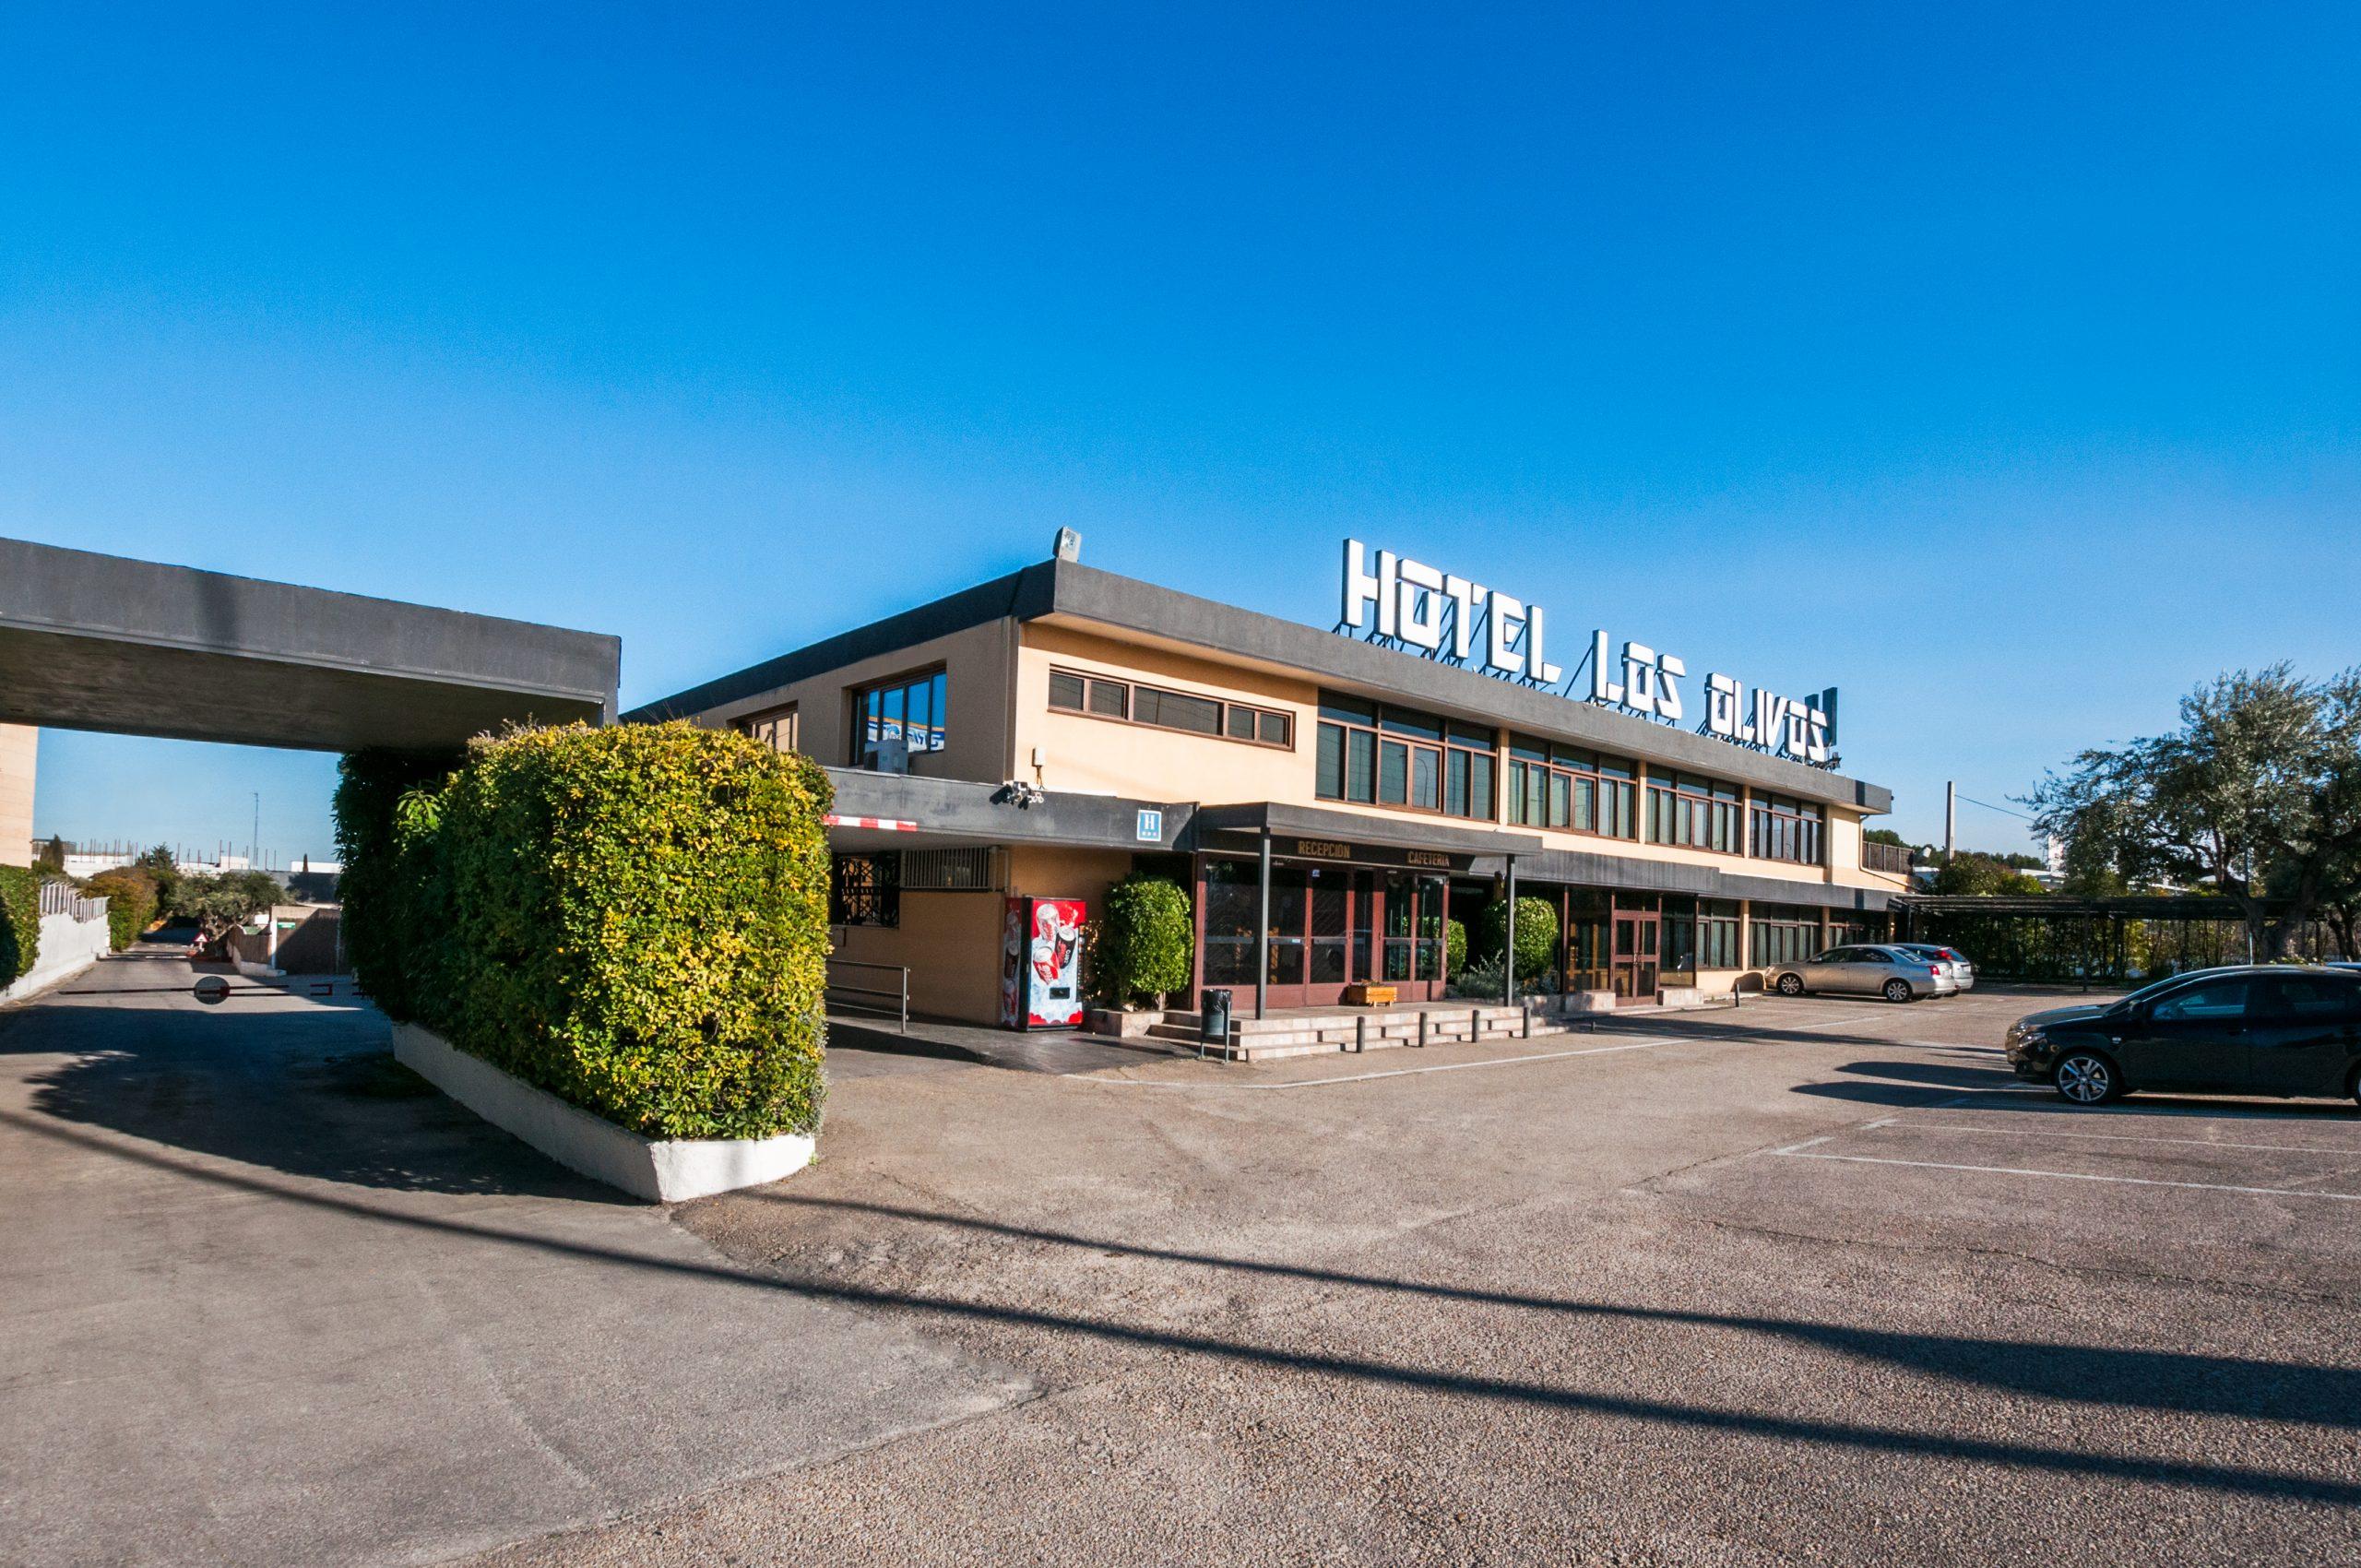 35_HotelLosOlivos_Exterior01